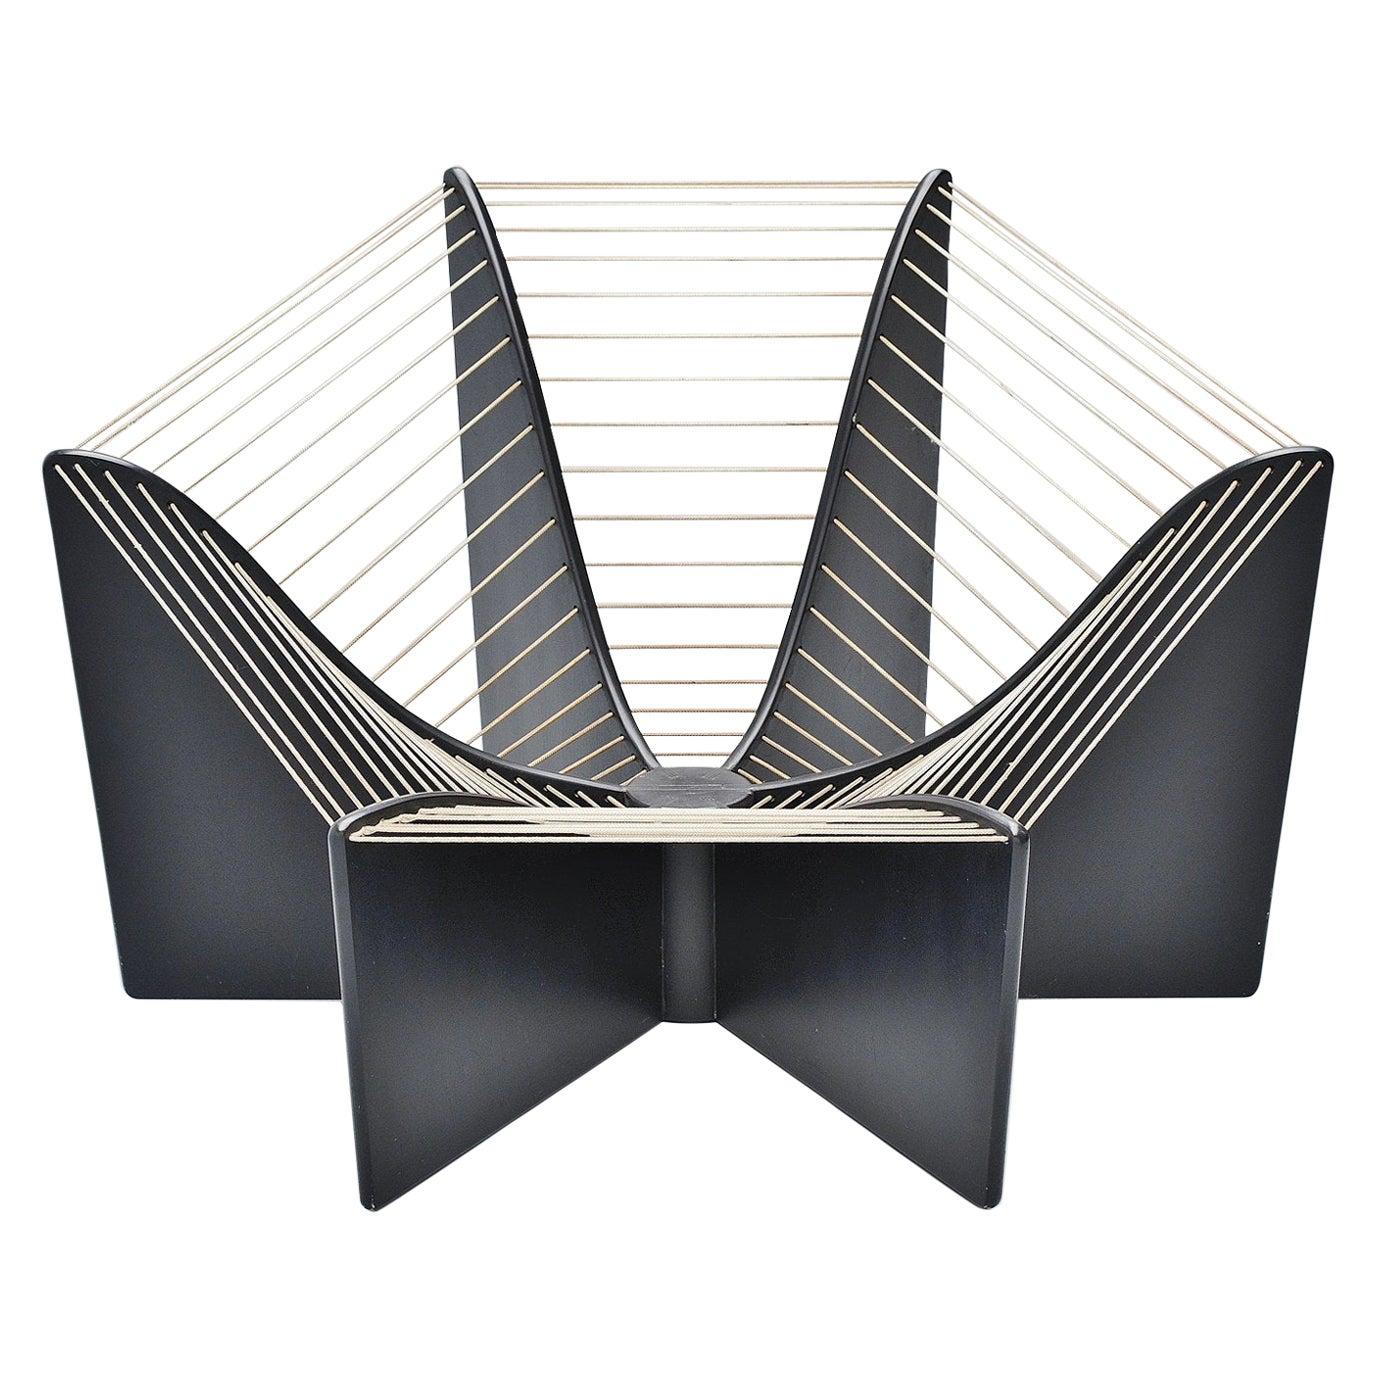 Pierre Paulin F678 Spider Lounge Chair Artifort, 1965